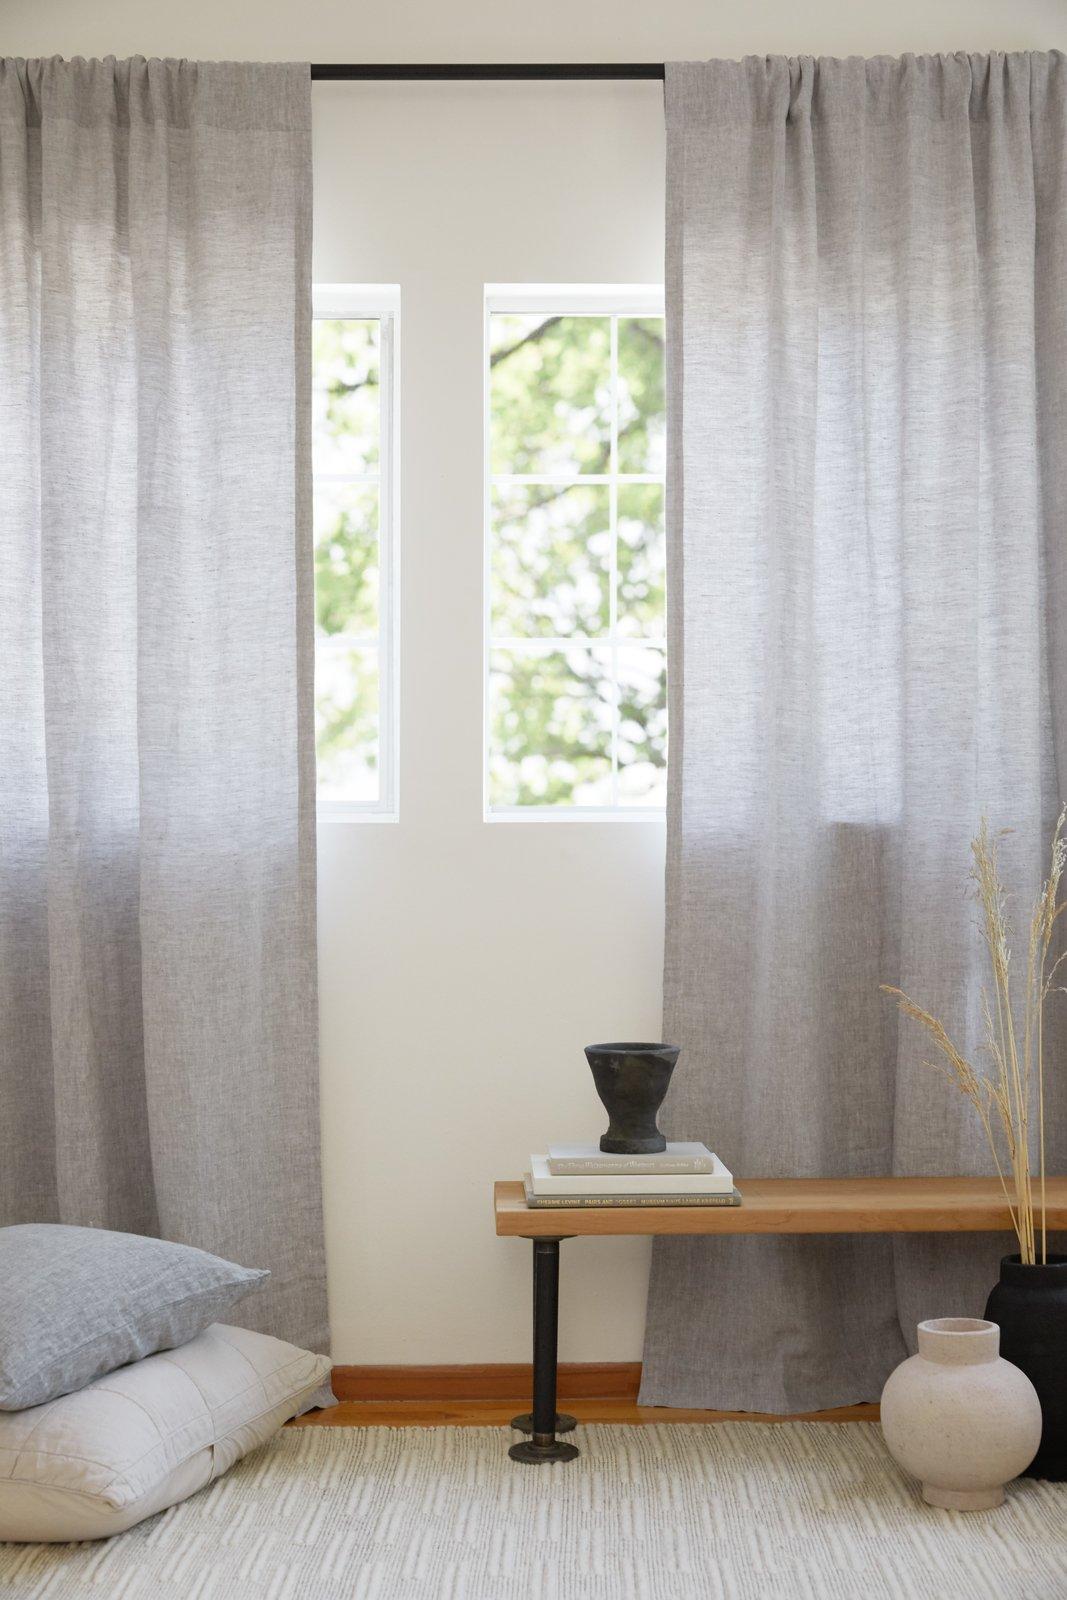 Parachute chambray gray curtains